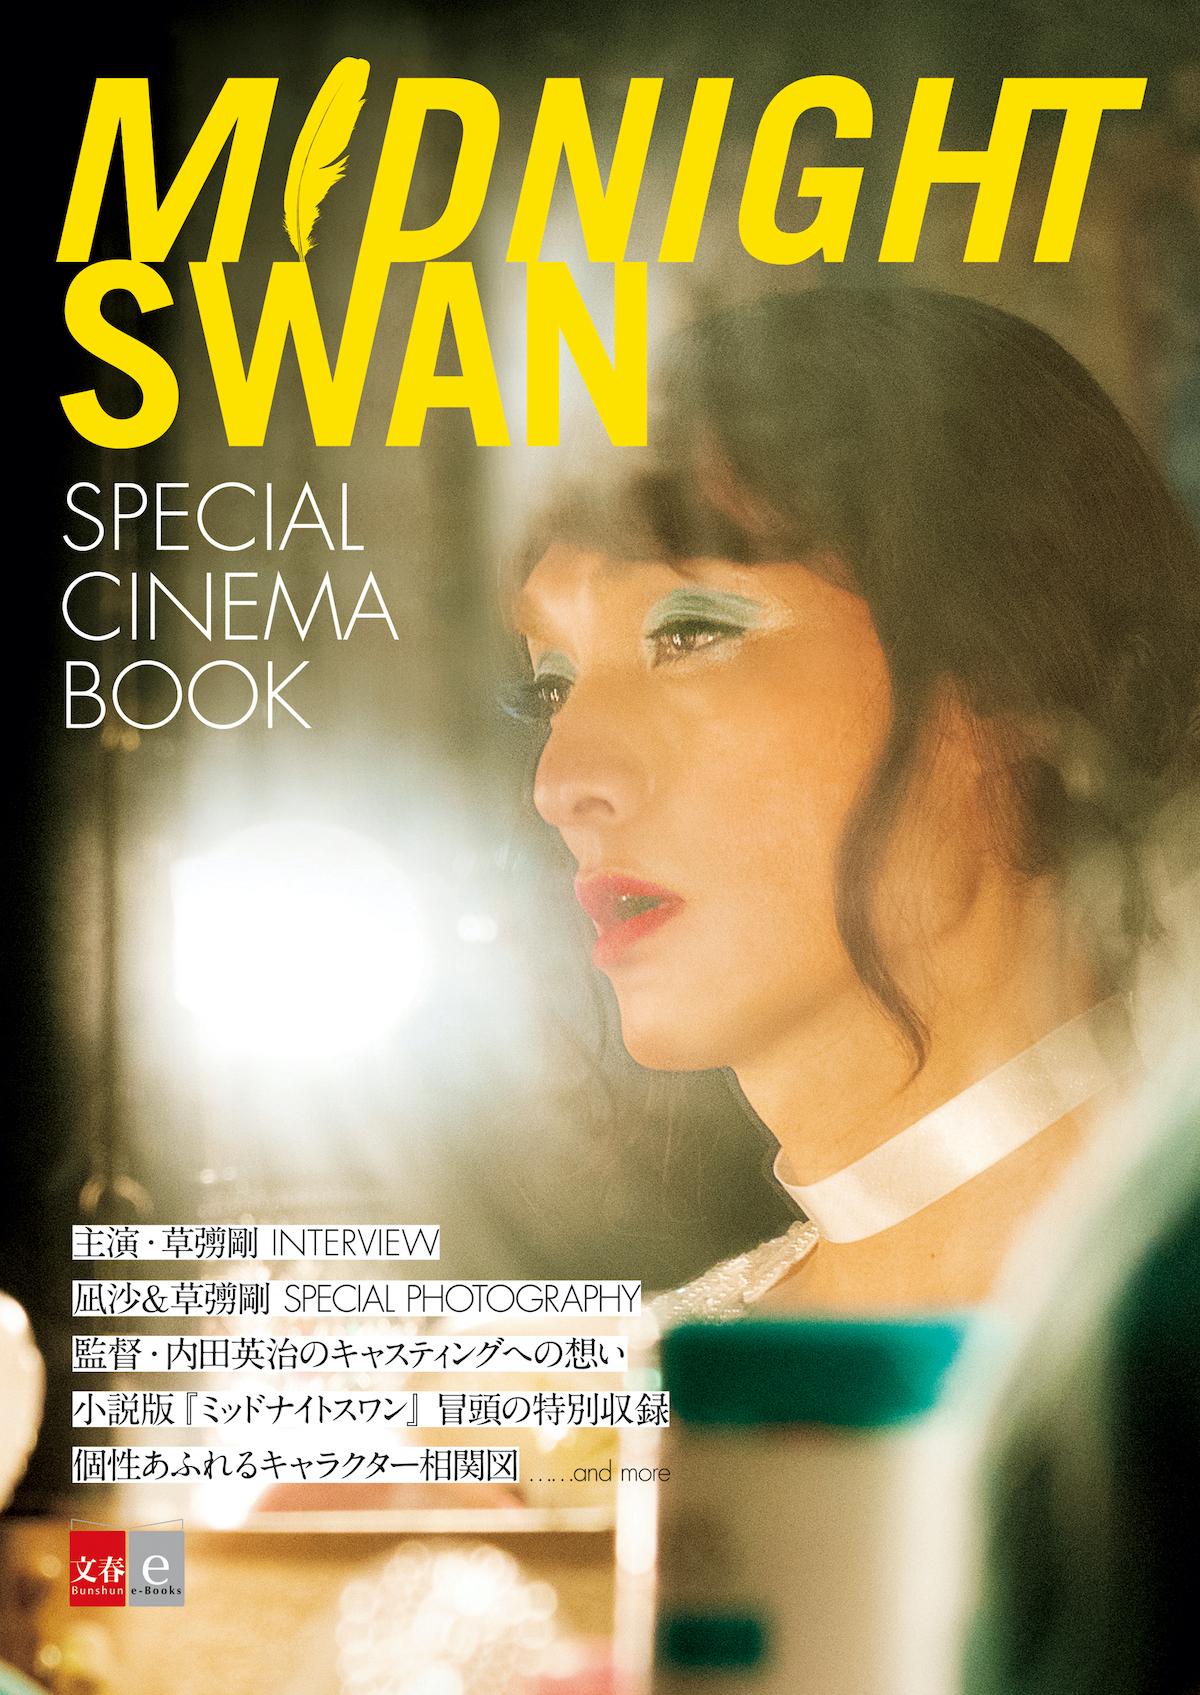 凪沙と草彅剛のオリジナルグラビアも 映画「ミッドナイトスワン」電子書籍限定パンフレット配信